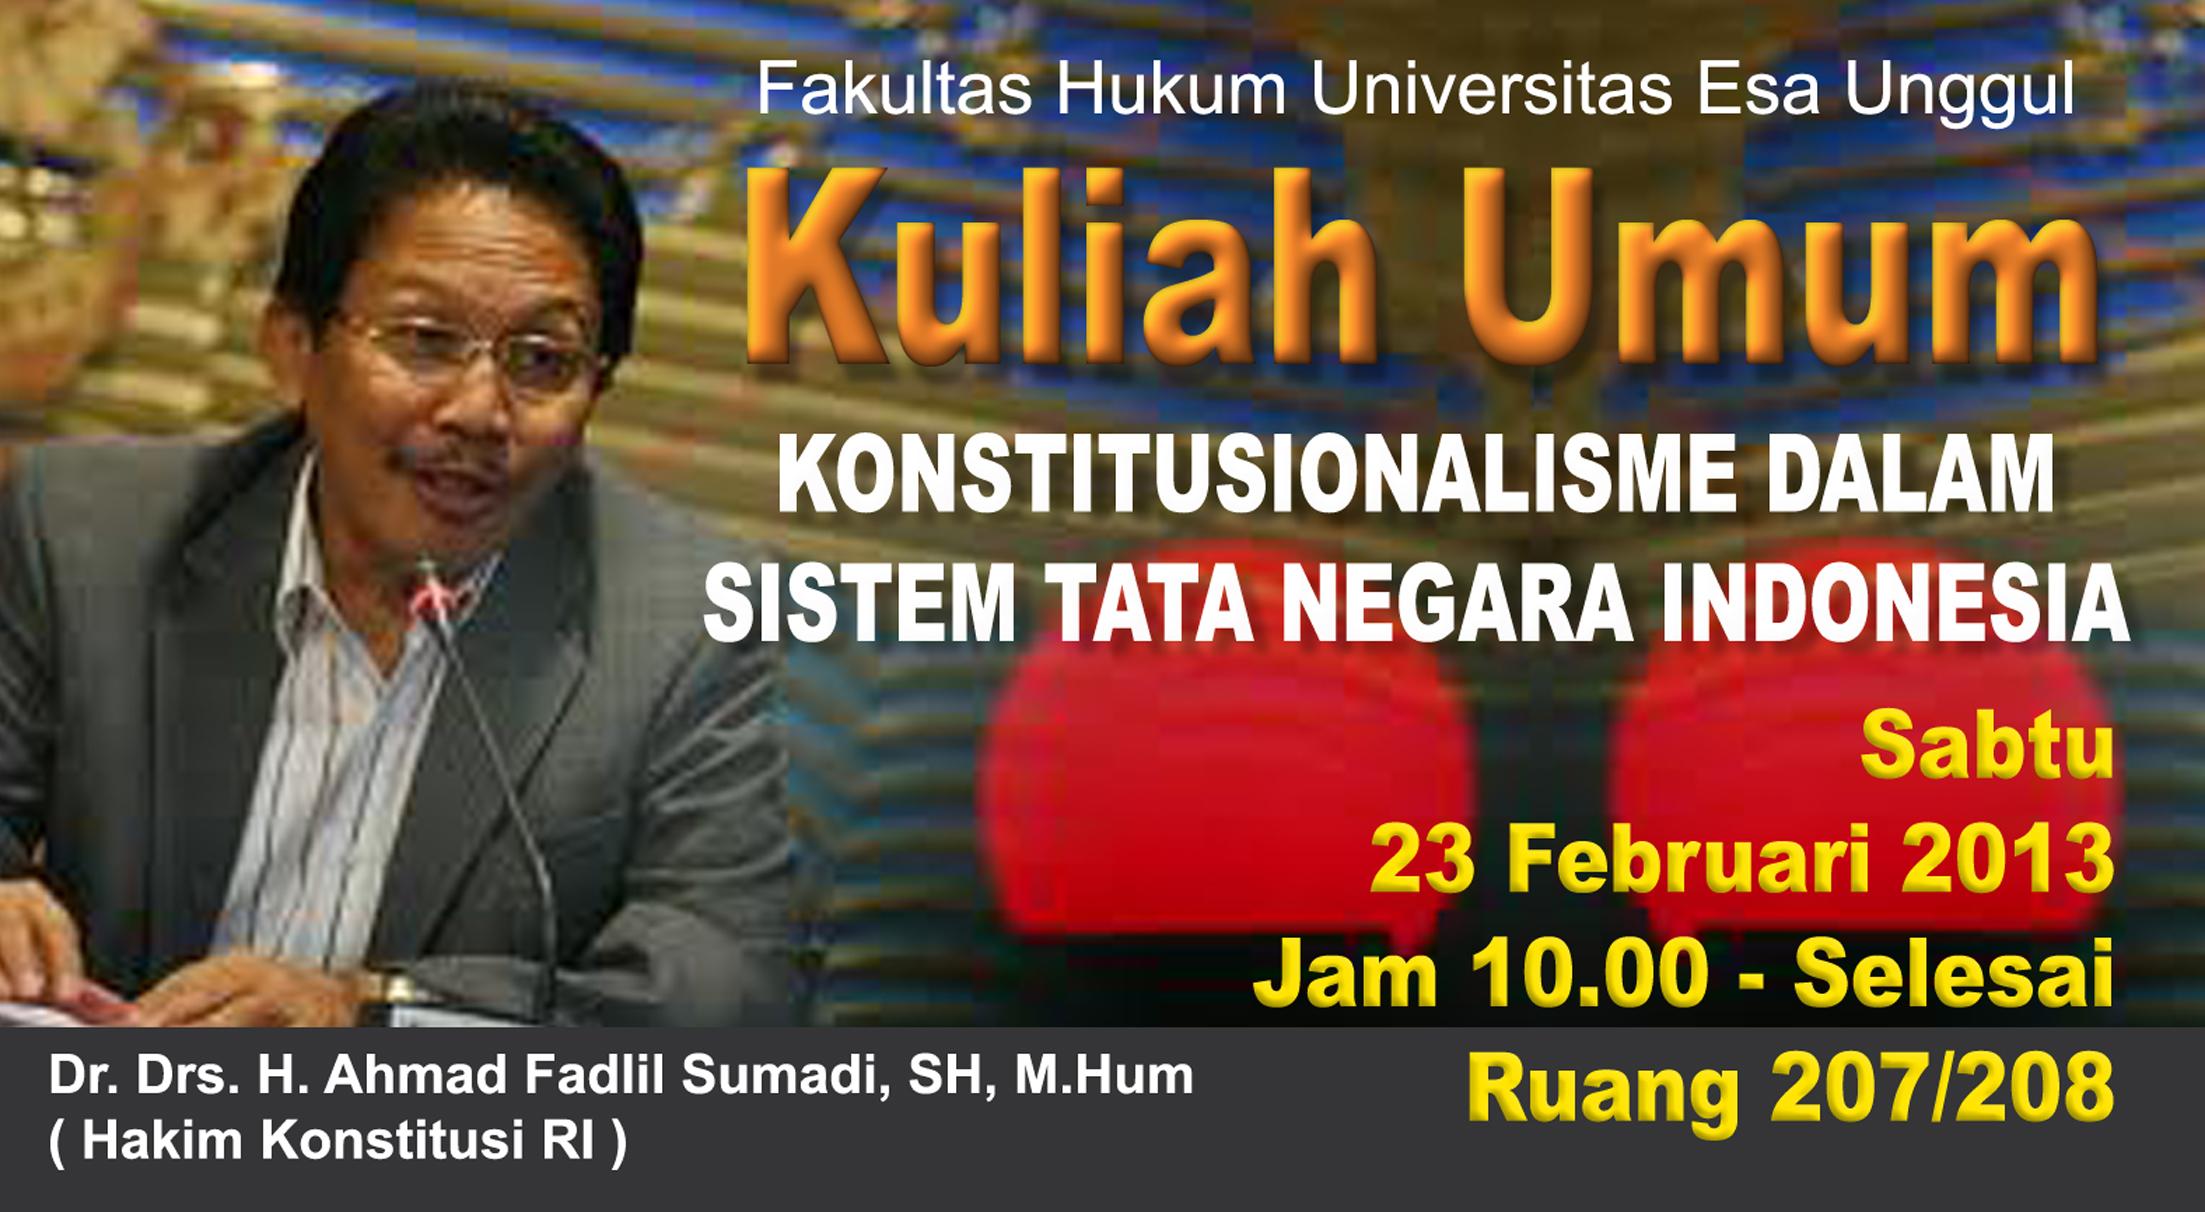 """Fakultas Hukum Universitas Esa Unggul menyelenggarakan Kuliah Umum """"Konstitusionalisme Dalam Sistem Tata Negara Di Indonesia"""""""